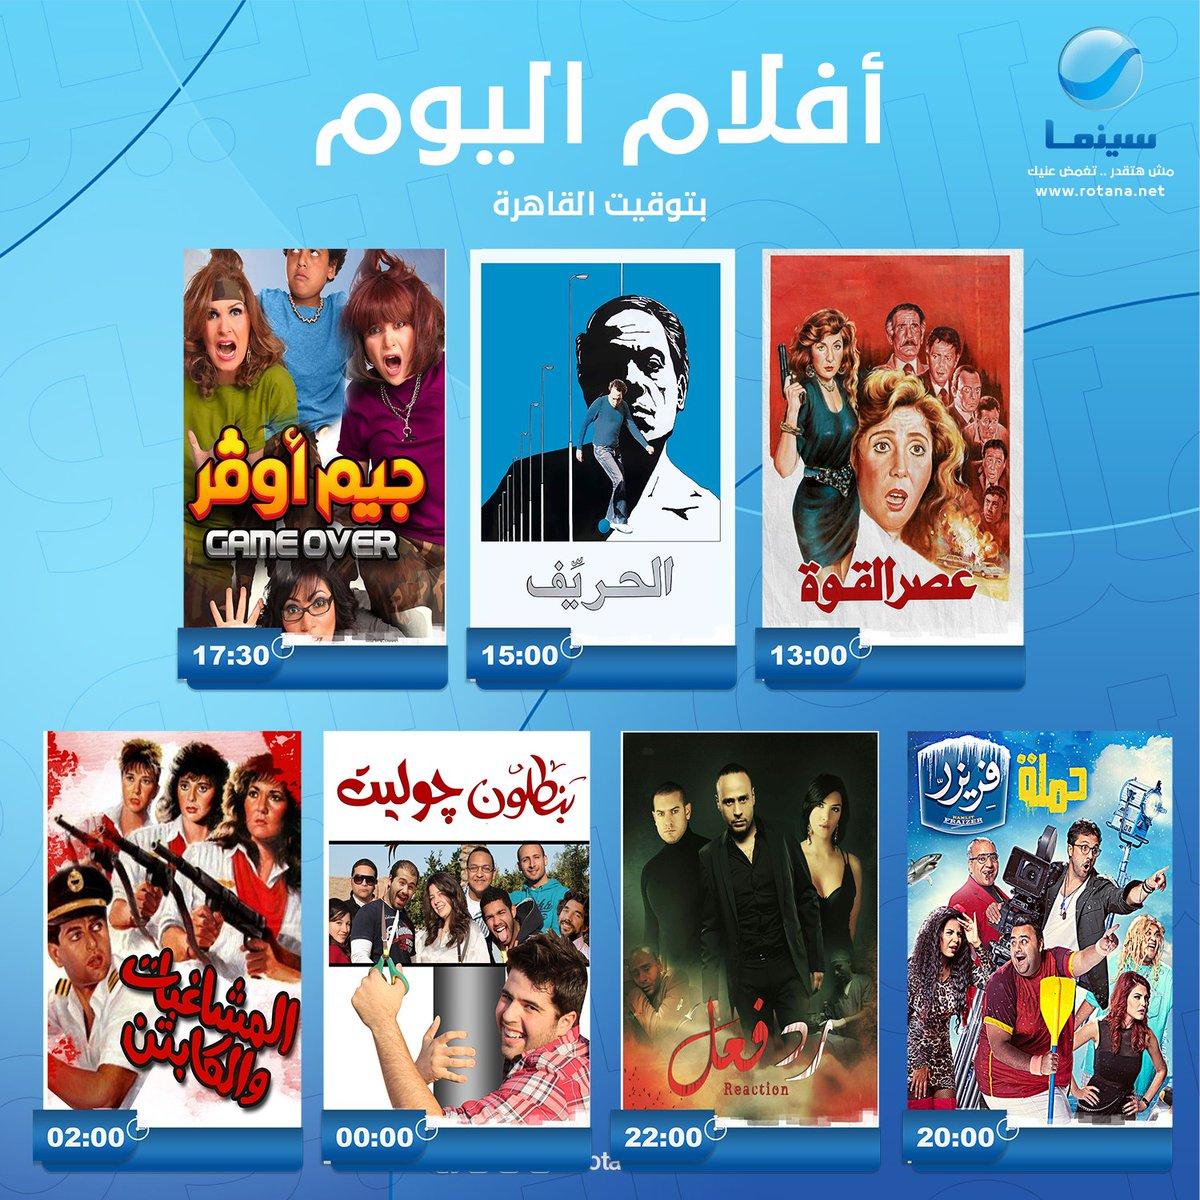 جدول افلام قناة روتانا سينما مصر اليوم 16-4-2020